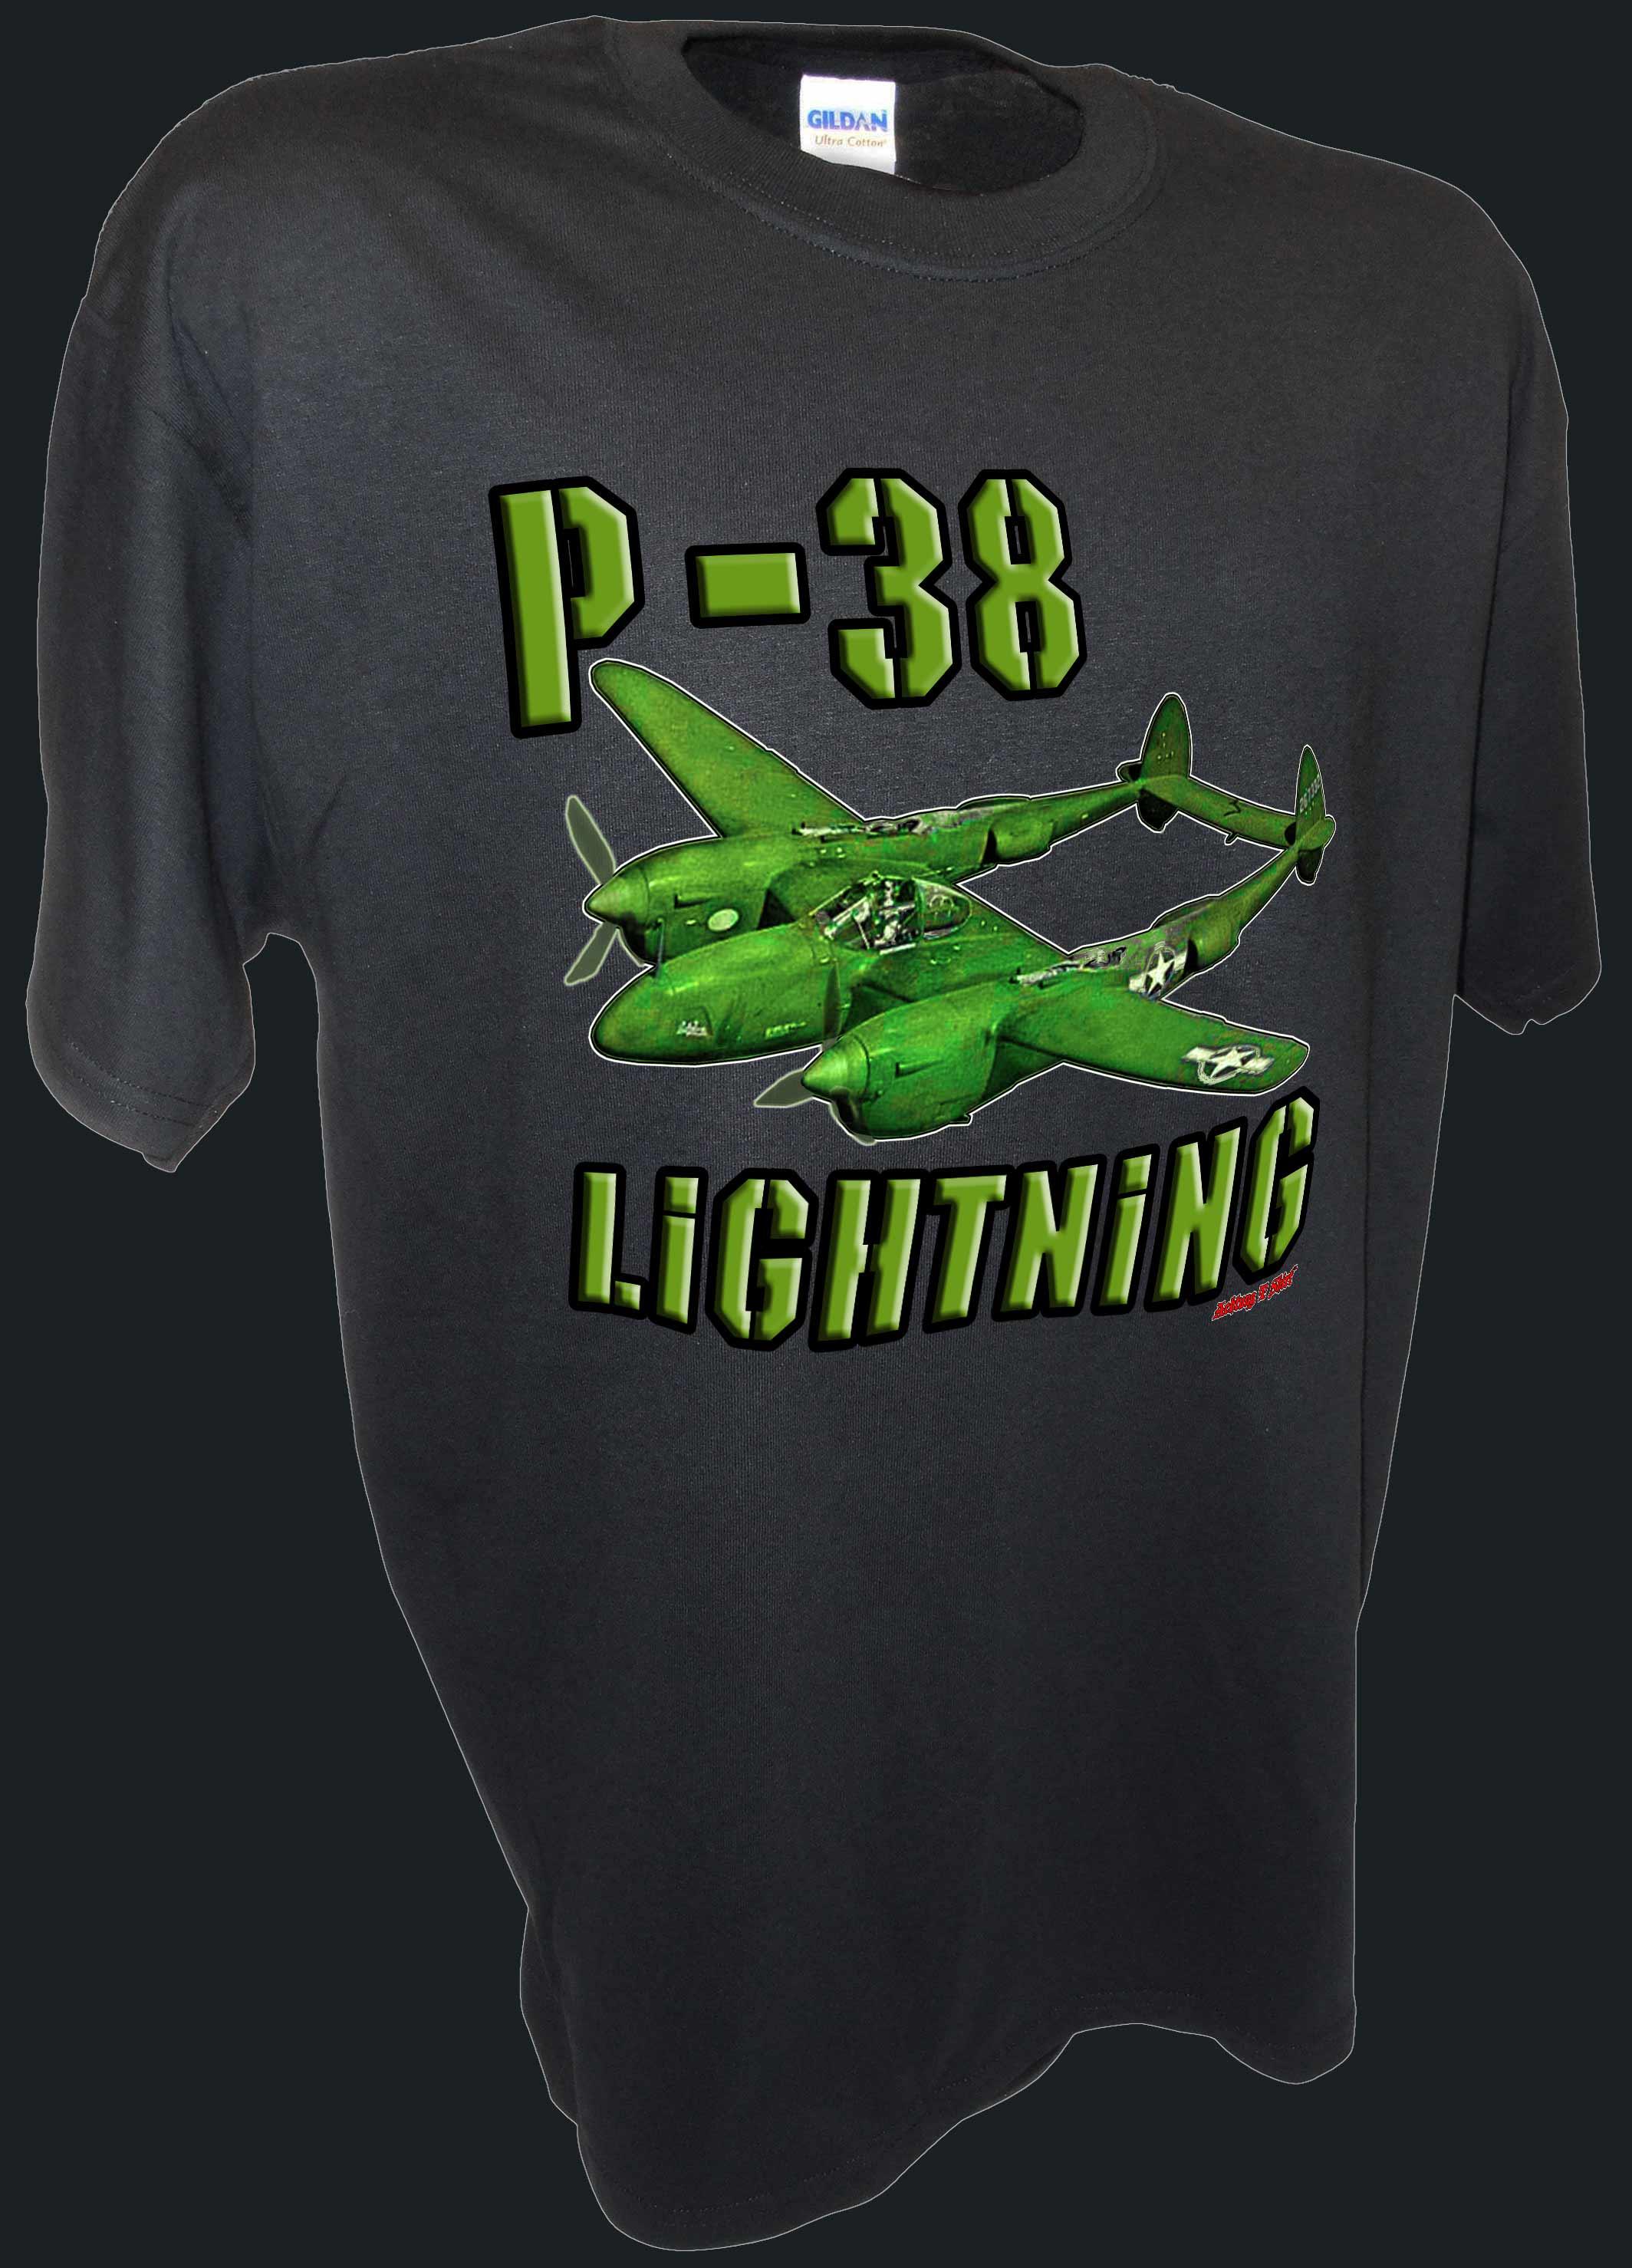 Army Unit Shirts Design | ANLIS